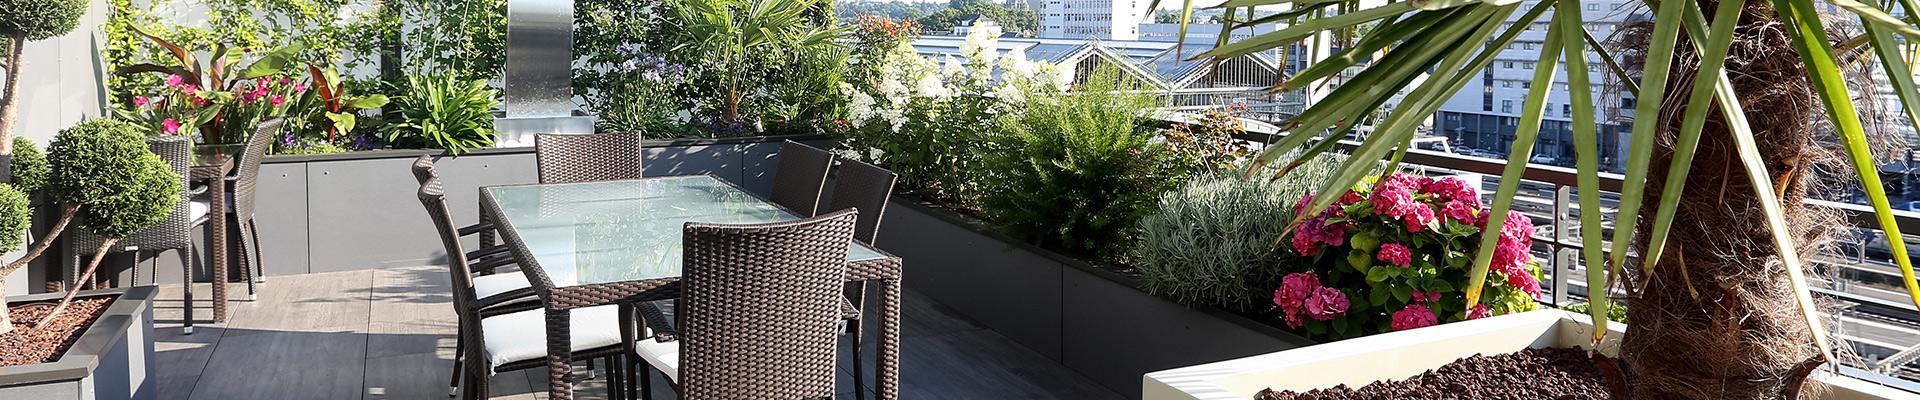 Serrault Jardins vous propose l'aménagement paysager de votre balcon terrasse.